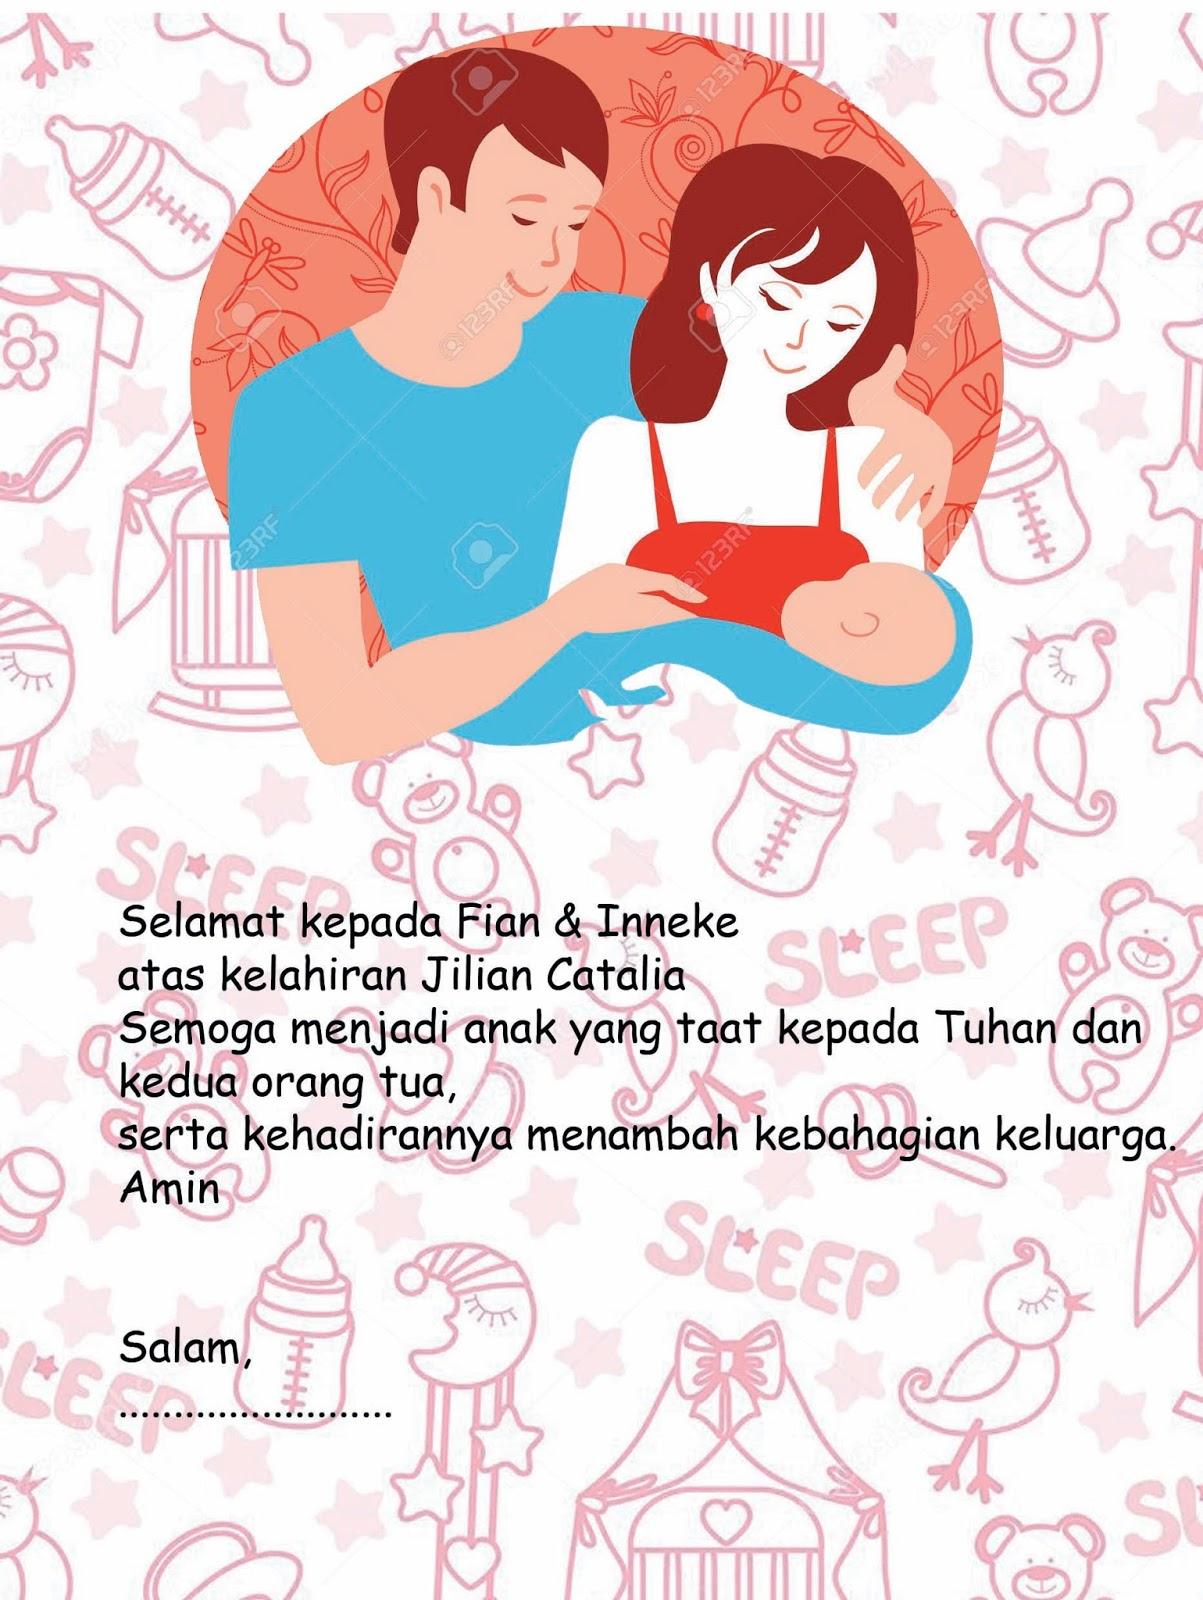 Ucapan Selamat Kelahiran Anak : ucapan, selamat, kelahiran, Gambar, Ucapan, Selamat, Kelahiran